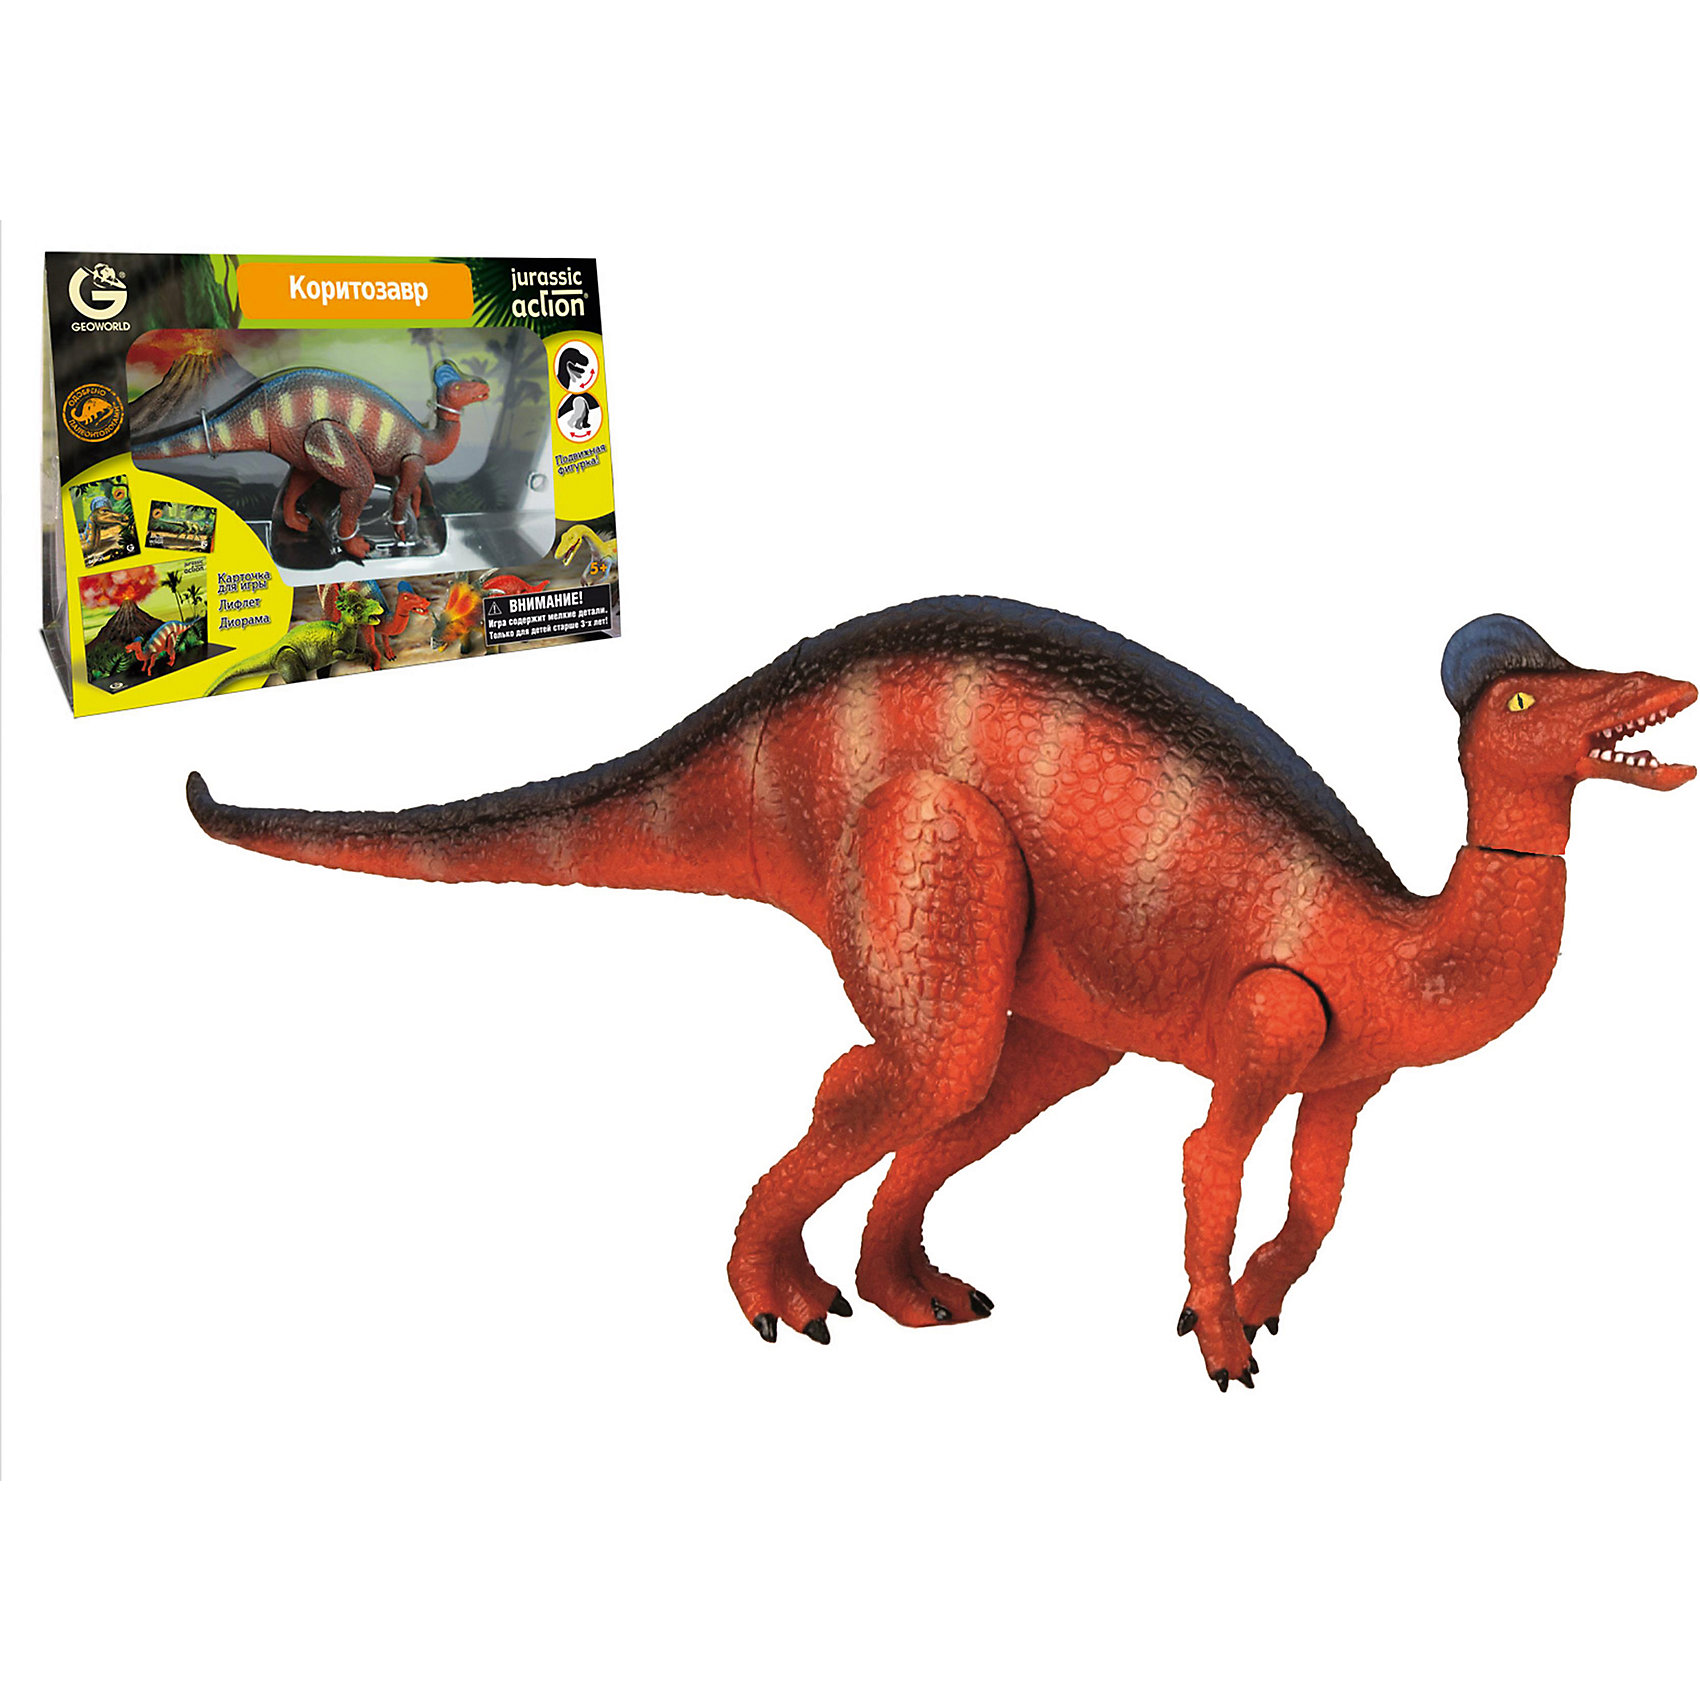 Динозавр Коритозавр, коллекция Jurassic Action, GeoworldДраконы и динозавры<br>Характеристики товара:<br><br>• материал: пластик, картон<br>• фигурка подвижная<br>• возраст: от 4 лет<br>• габариты упаковки: 23х11х33 см<br>• комплектация: фигурка динозавра, карточка, диорама<br>• вес: 300 г<br>• страна бренда: Италия<br><br>Детализированная фигурка отлично впишется в коллекцию динозавров юного палеонтолога. Уникальный дизайн, проработанные мелкие детали и художественное исполнение сделали игрушку очень реалистичной и перенесли ее в раздел коллекционных моделей. Материалы, использованные при изготовлении товаров, проходят проверку на качество и соответствие международным требованиям по безопасности.<br><br>У фигурки подвижны конечности и голова, поэтому ей можно придавать разные позы. Также в наборе идет карточка, описывающая этого динозавра, и буклет. Плюс - диорама со средой обитания динозавра. Такие фигурки помогают привить детям любовь к учебе, развить воображение и интерес к коллекционированию.<br><br>Динозавр Коритозавр, коллекция Jurassic Action, от бренда Geoworld можно купить в нашем интернет-магазине.<br><br>Ширина мм: 230<br>Глубина мм: 110<br>Высота мм: 330<br>Вес г: 316<br>Возраст от месяцев: 60<br>Возраст до месяцев: 108<br>Пол: Унисекс<br>Возраст: Детский<br>SKU: 5418998